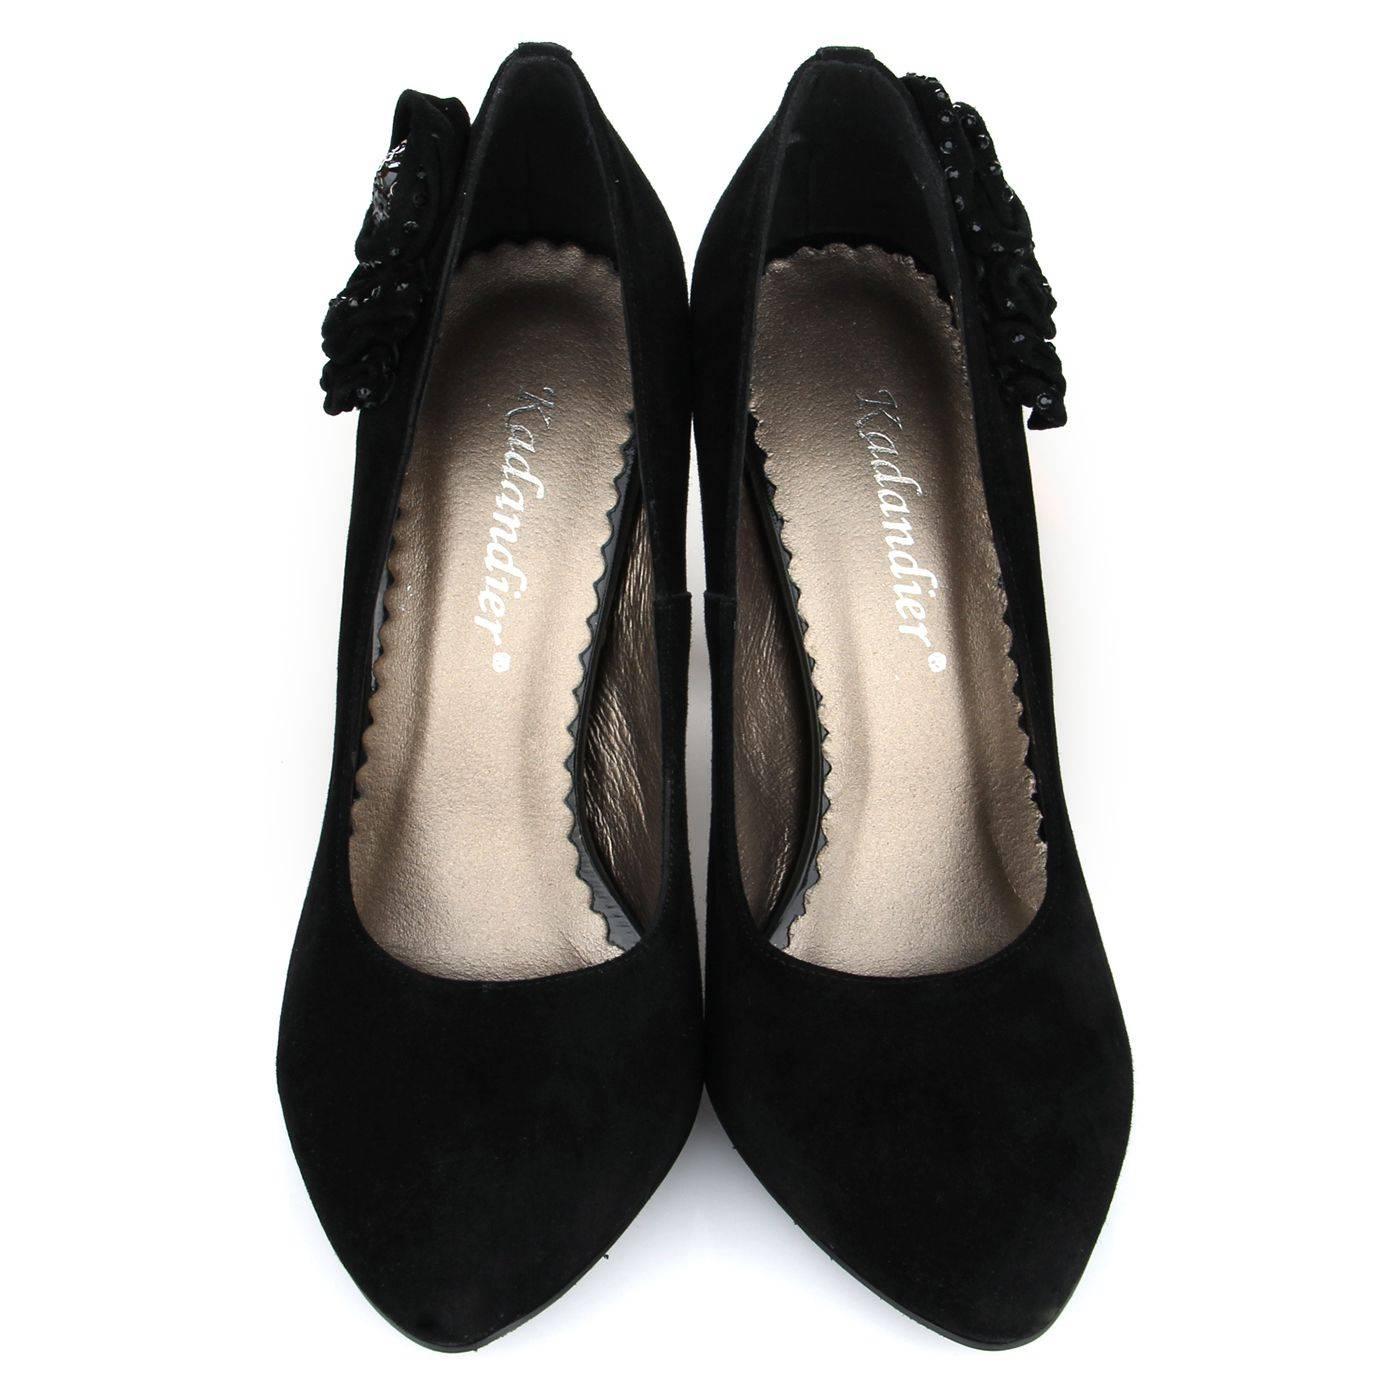 Туфлі жіночі kadandier +1384 Чорний купить по выгодной цене в ... 94f6f991b9dea